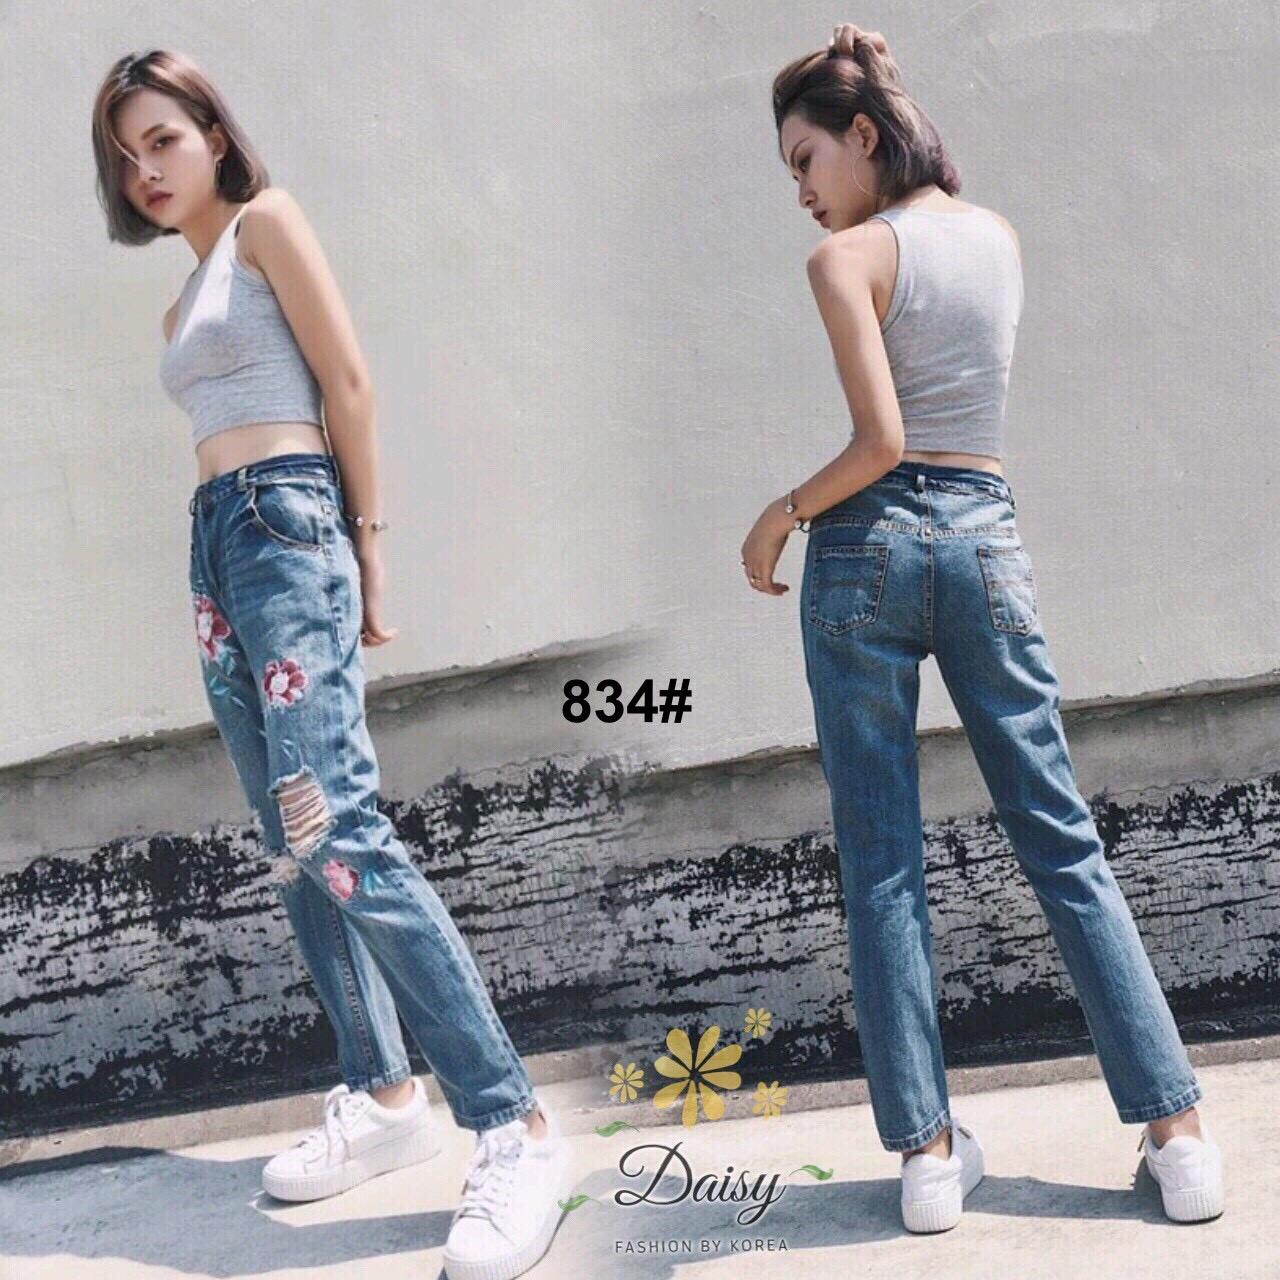 กางเกงยีนส์ทรงเดฟผ้ายีนส์ฮ่องกง รุ่นขายาวผลิตมาไซส์ใหญ่ ให้คนสะโพกใหญ่ที่หายีนส์สวยๆใส่ยากค่ะผ้ายีนส์